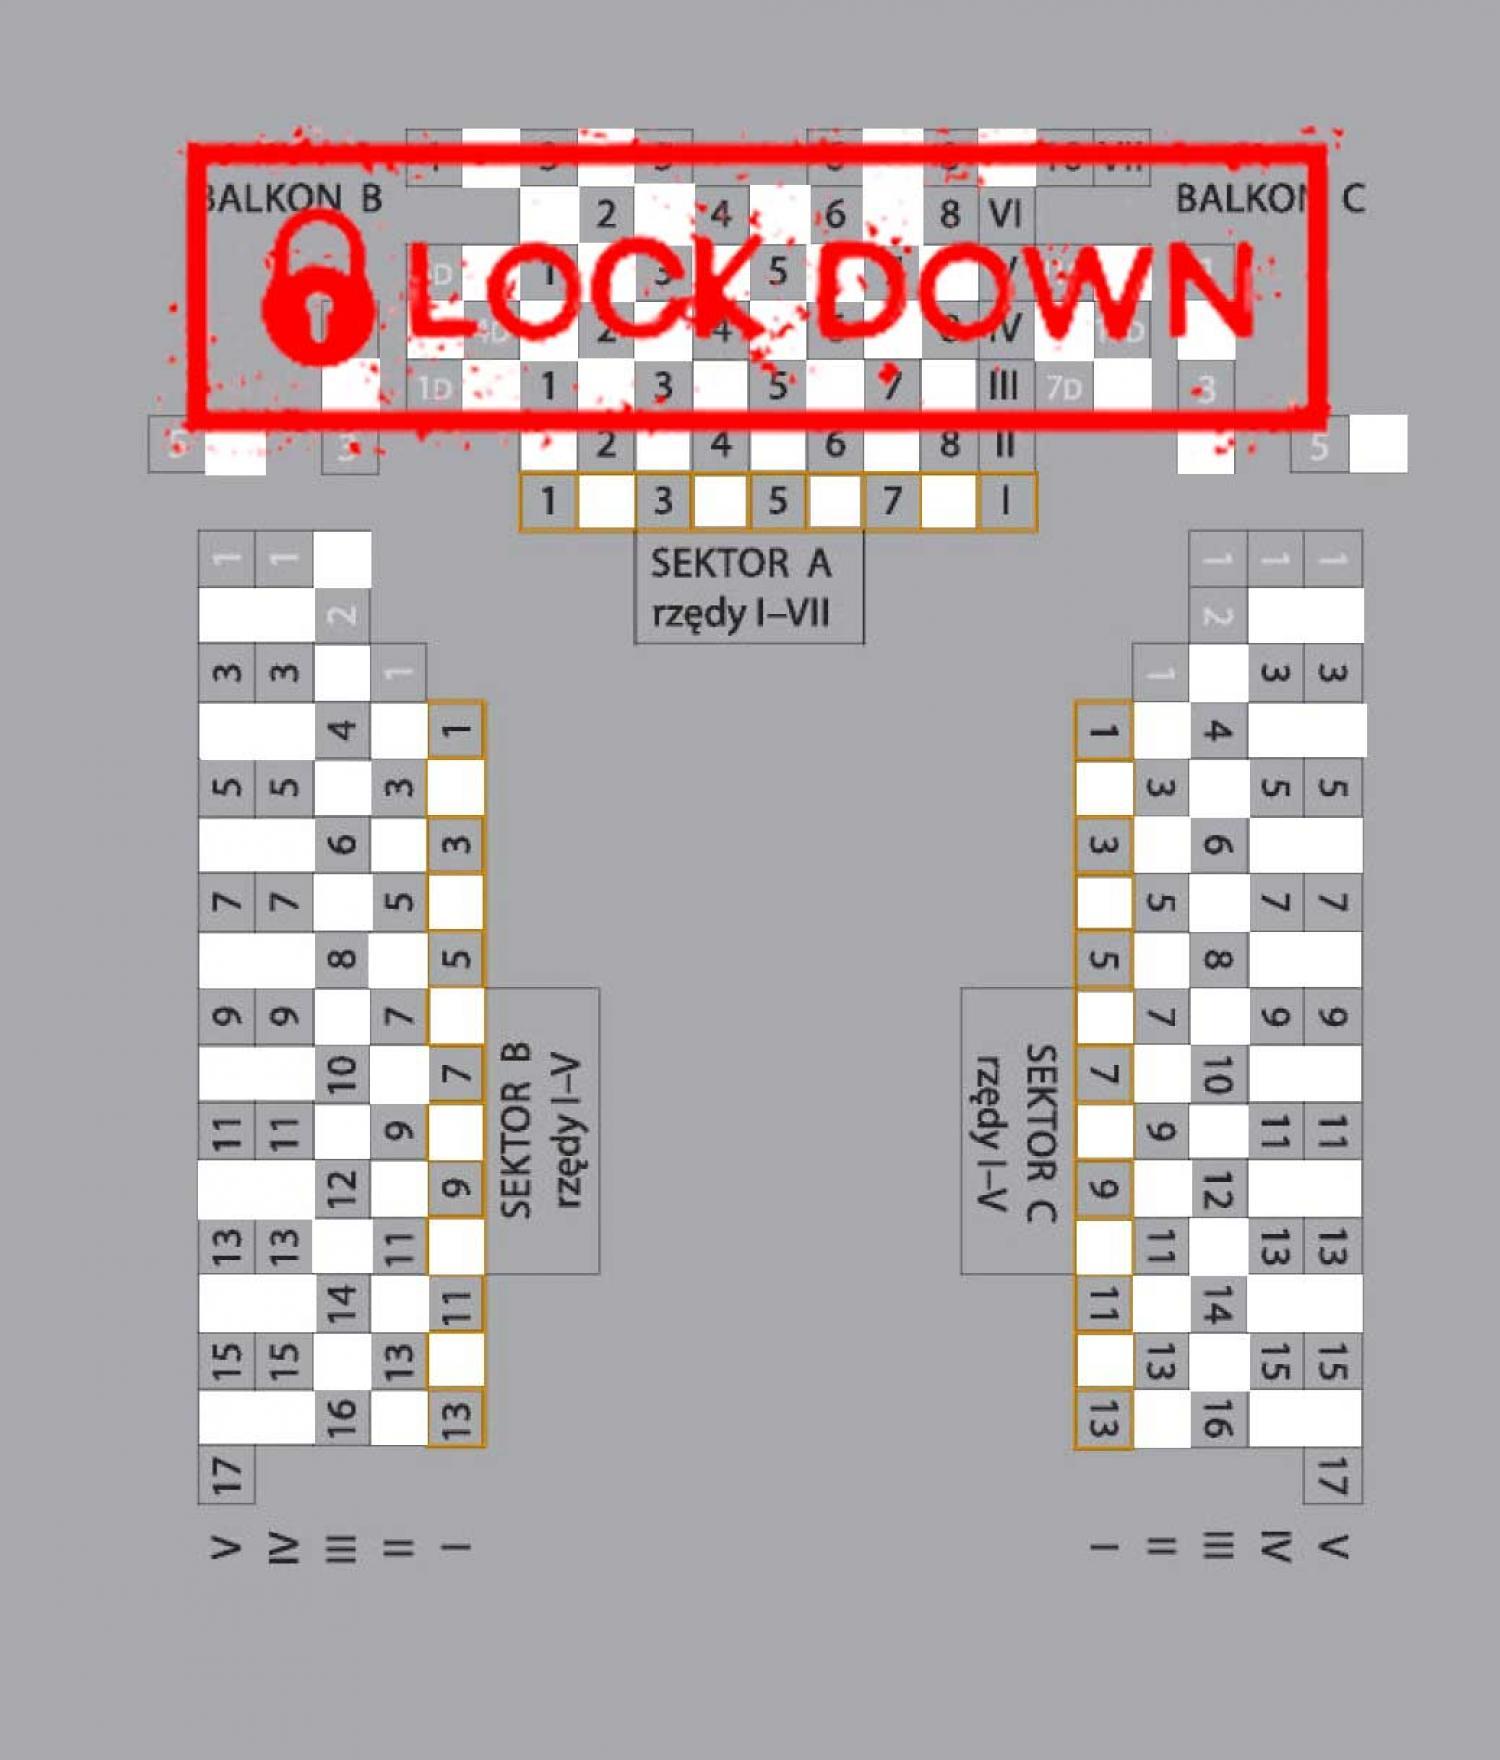 Lockdown przedłużony! Spektakle do 18 kwietnia ODWOŁANE